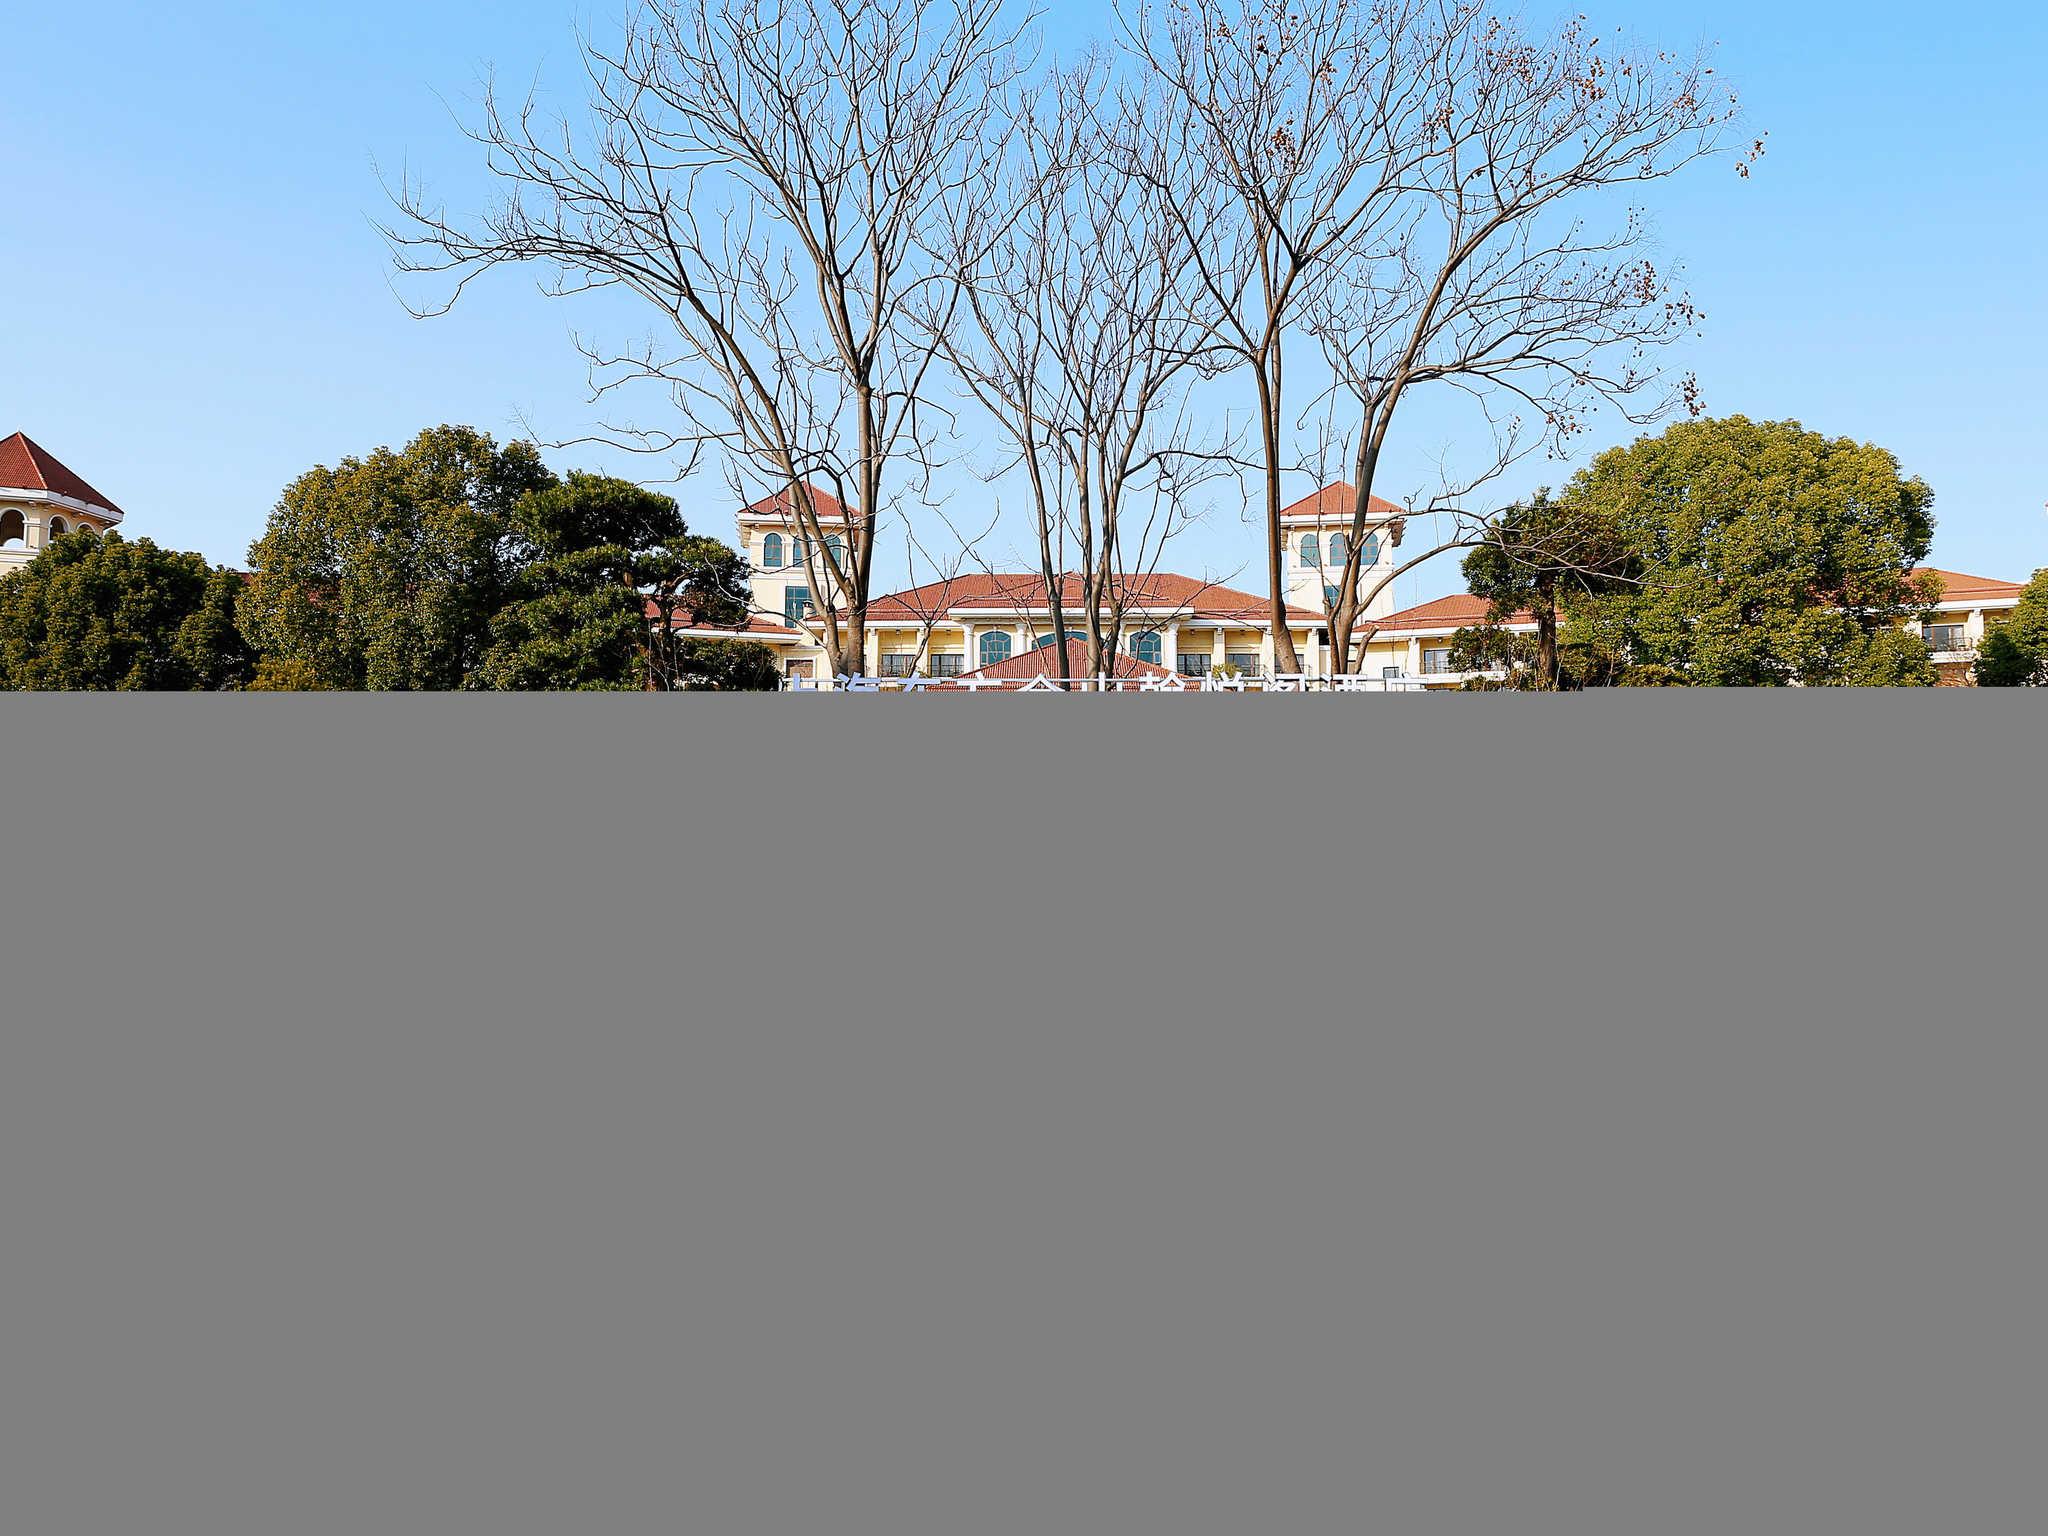 โรงแรม – โซฟิเทล เซี่ยงไฮ้ เฉอชาน โอเรียนทอล